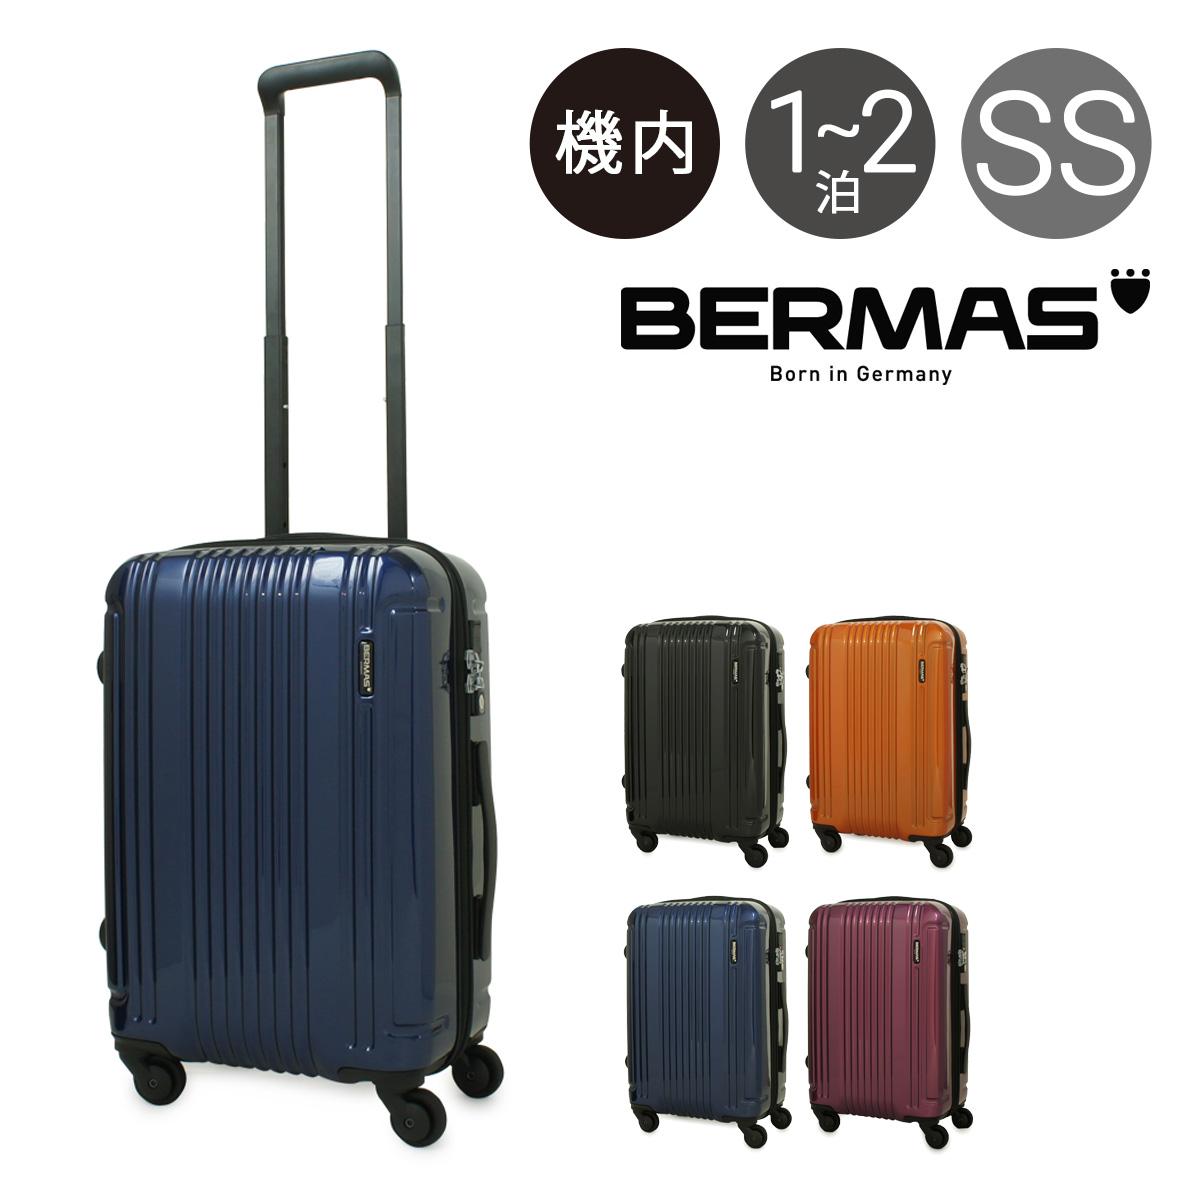 バーマス スーツケース 34L 48cm 2.5kg ハード LCC機内持ち込み USBポート コネクト 60280 キャリーケース TSAロック搭載 ポーチ付き HINOMOTO BERMAS 【1年保証】[PO10][bef]